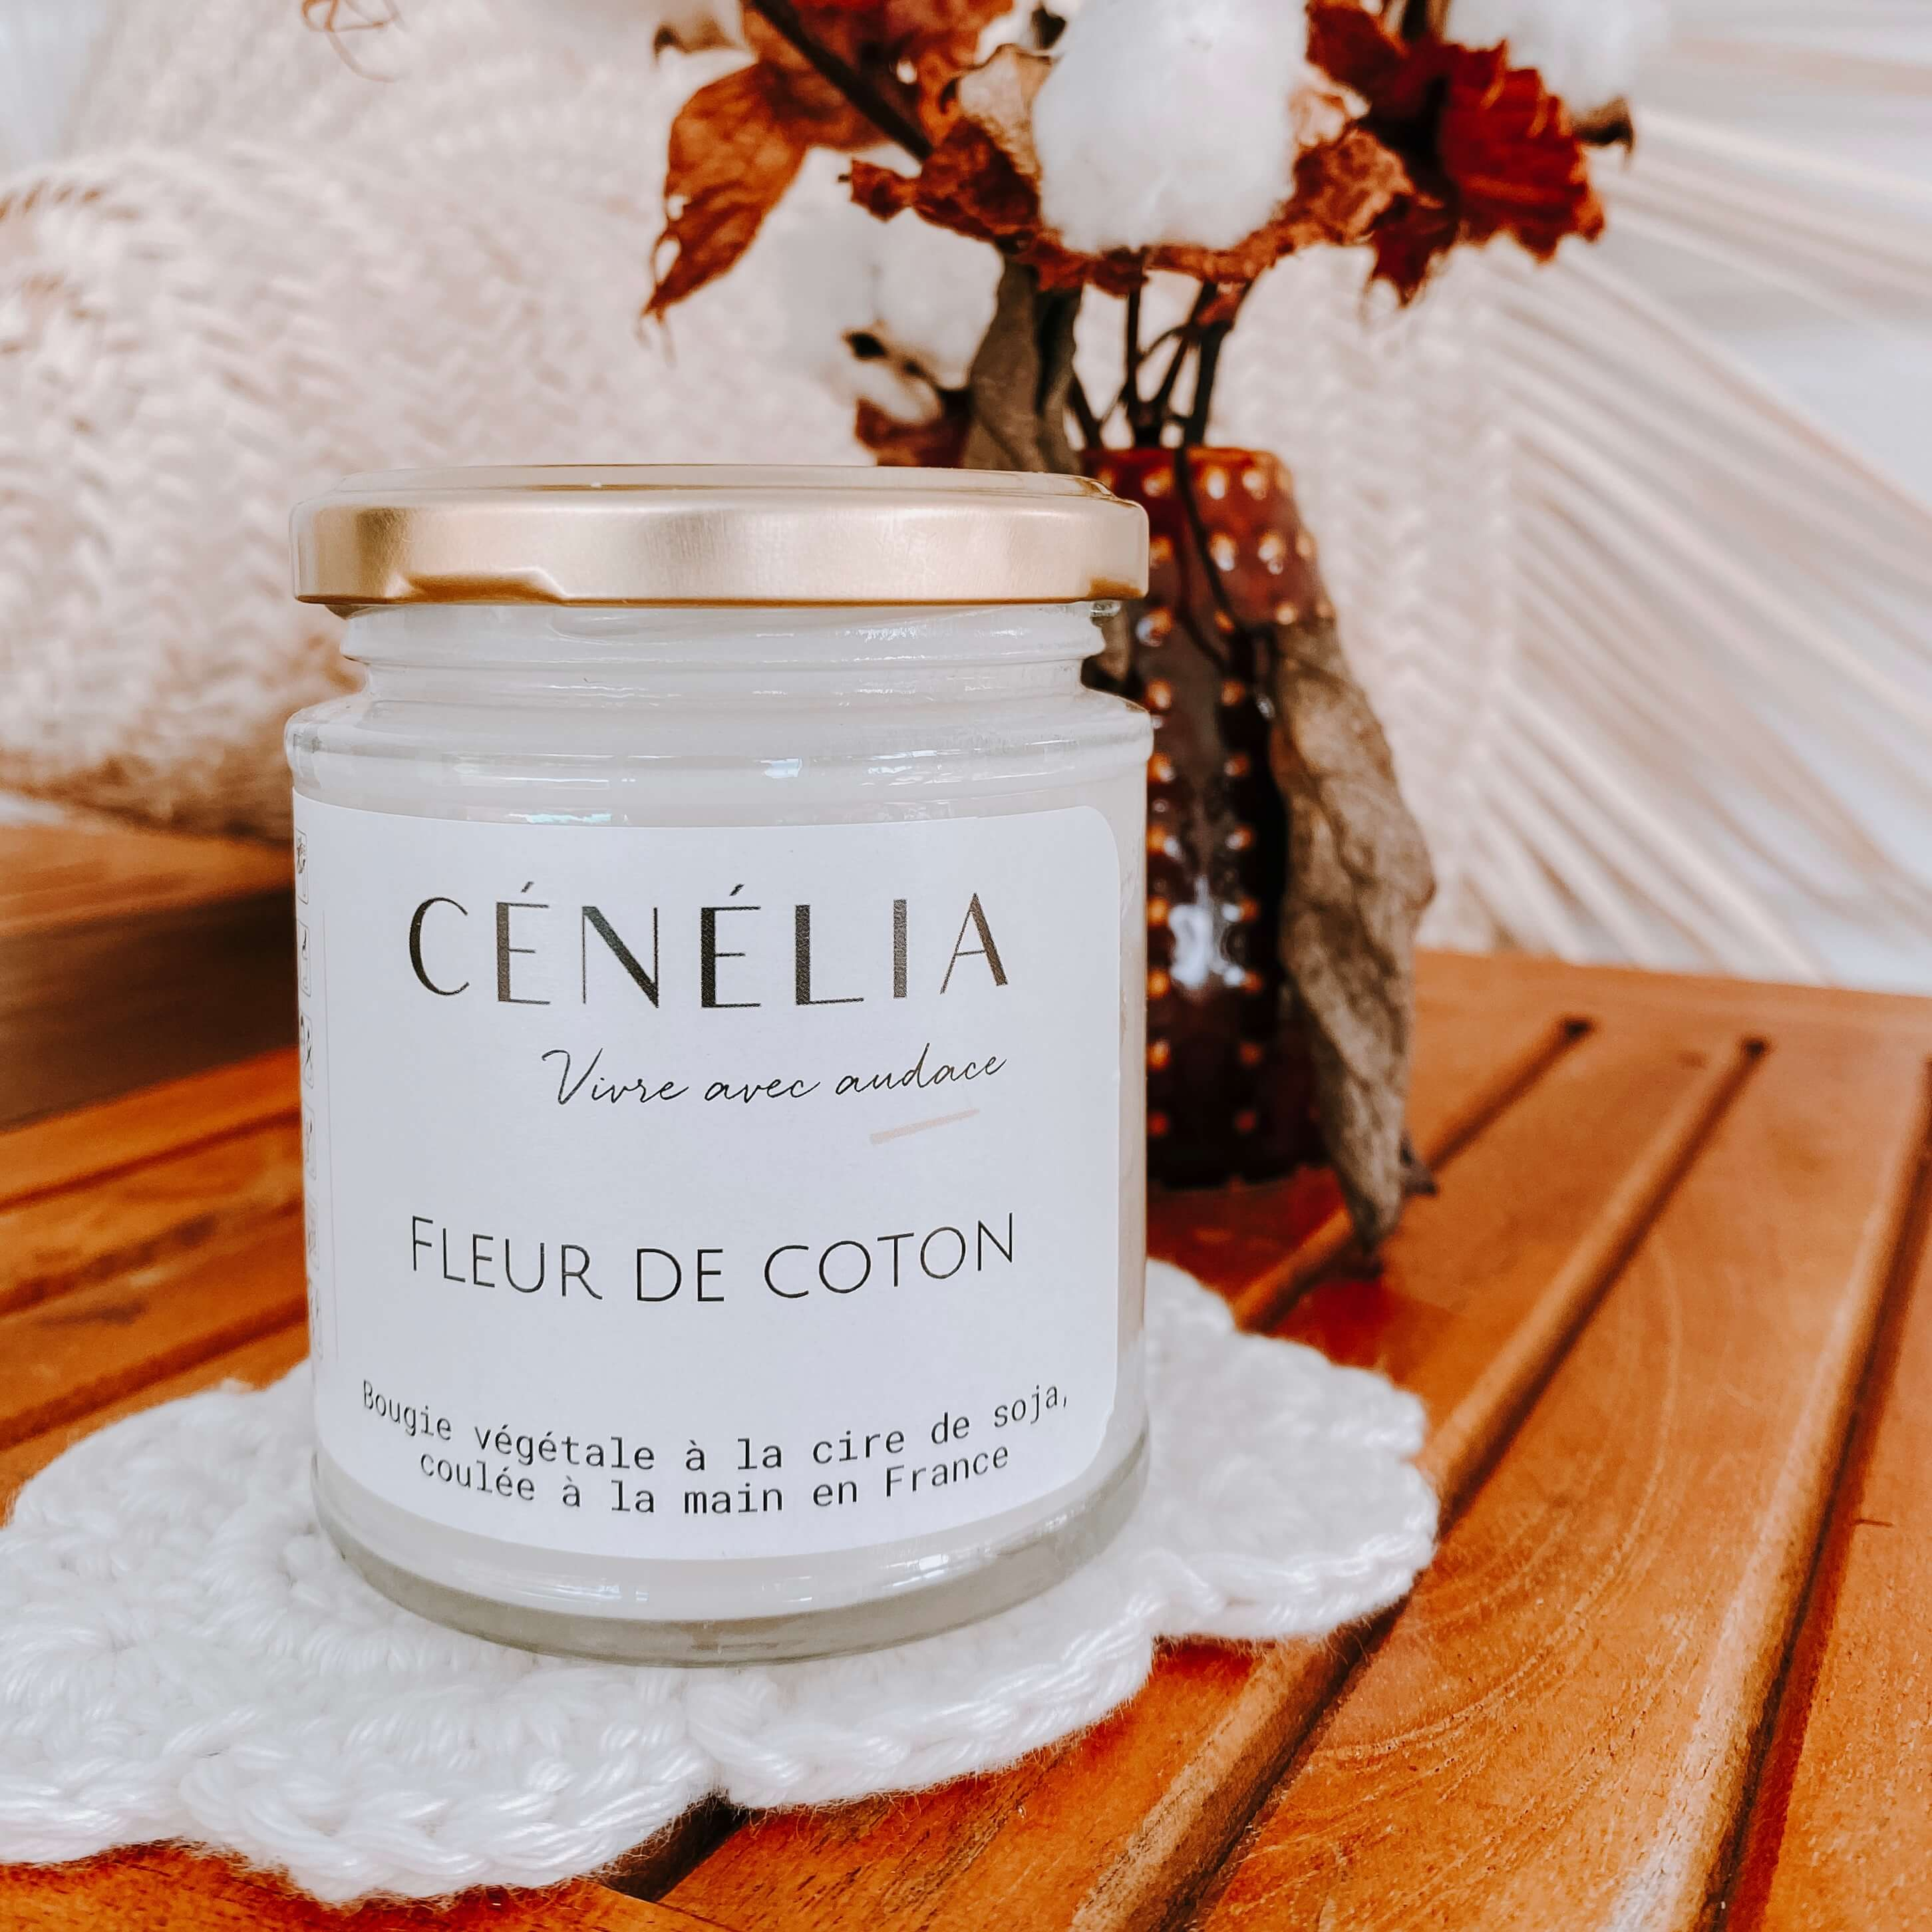 bougie fleur de coton - bougie parfumée légère Cénélia